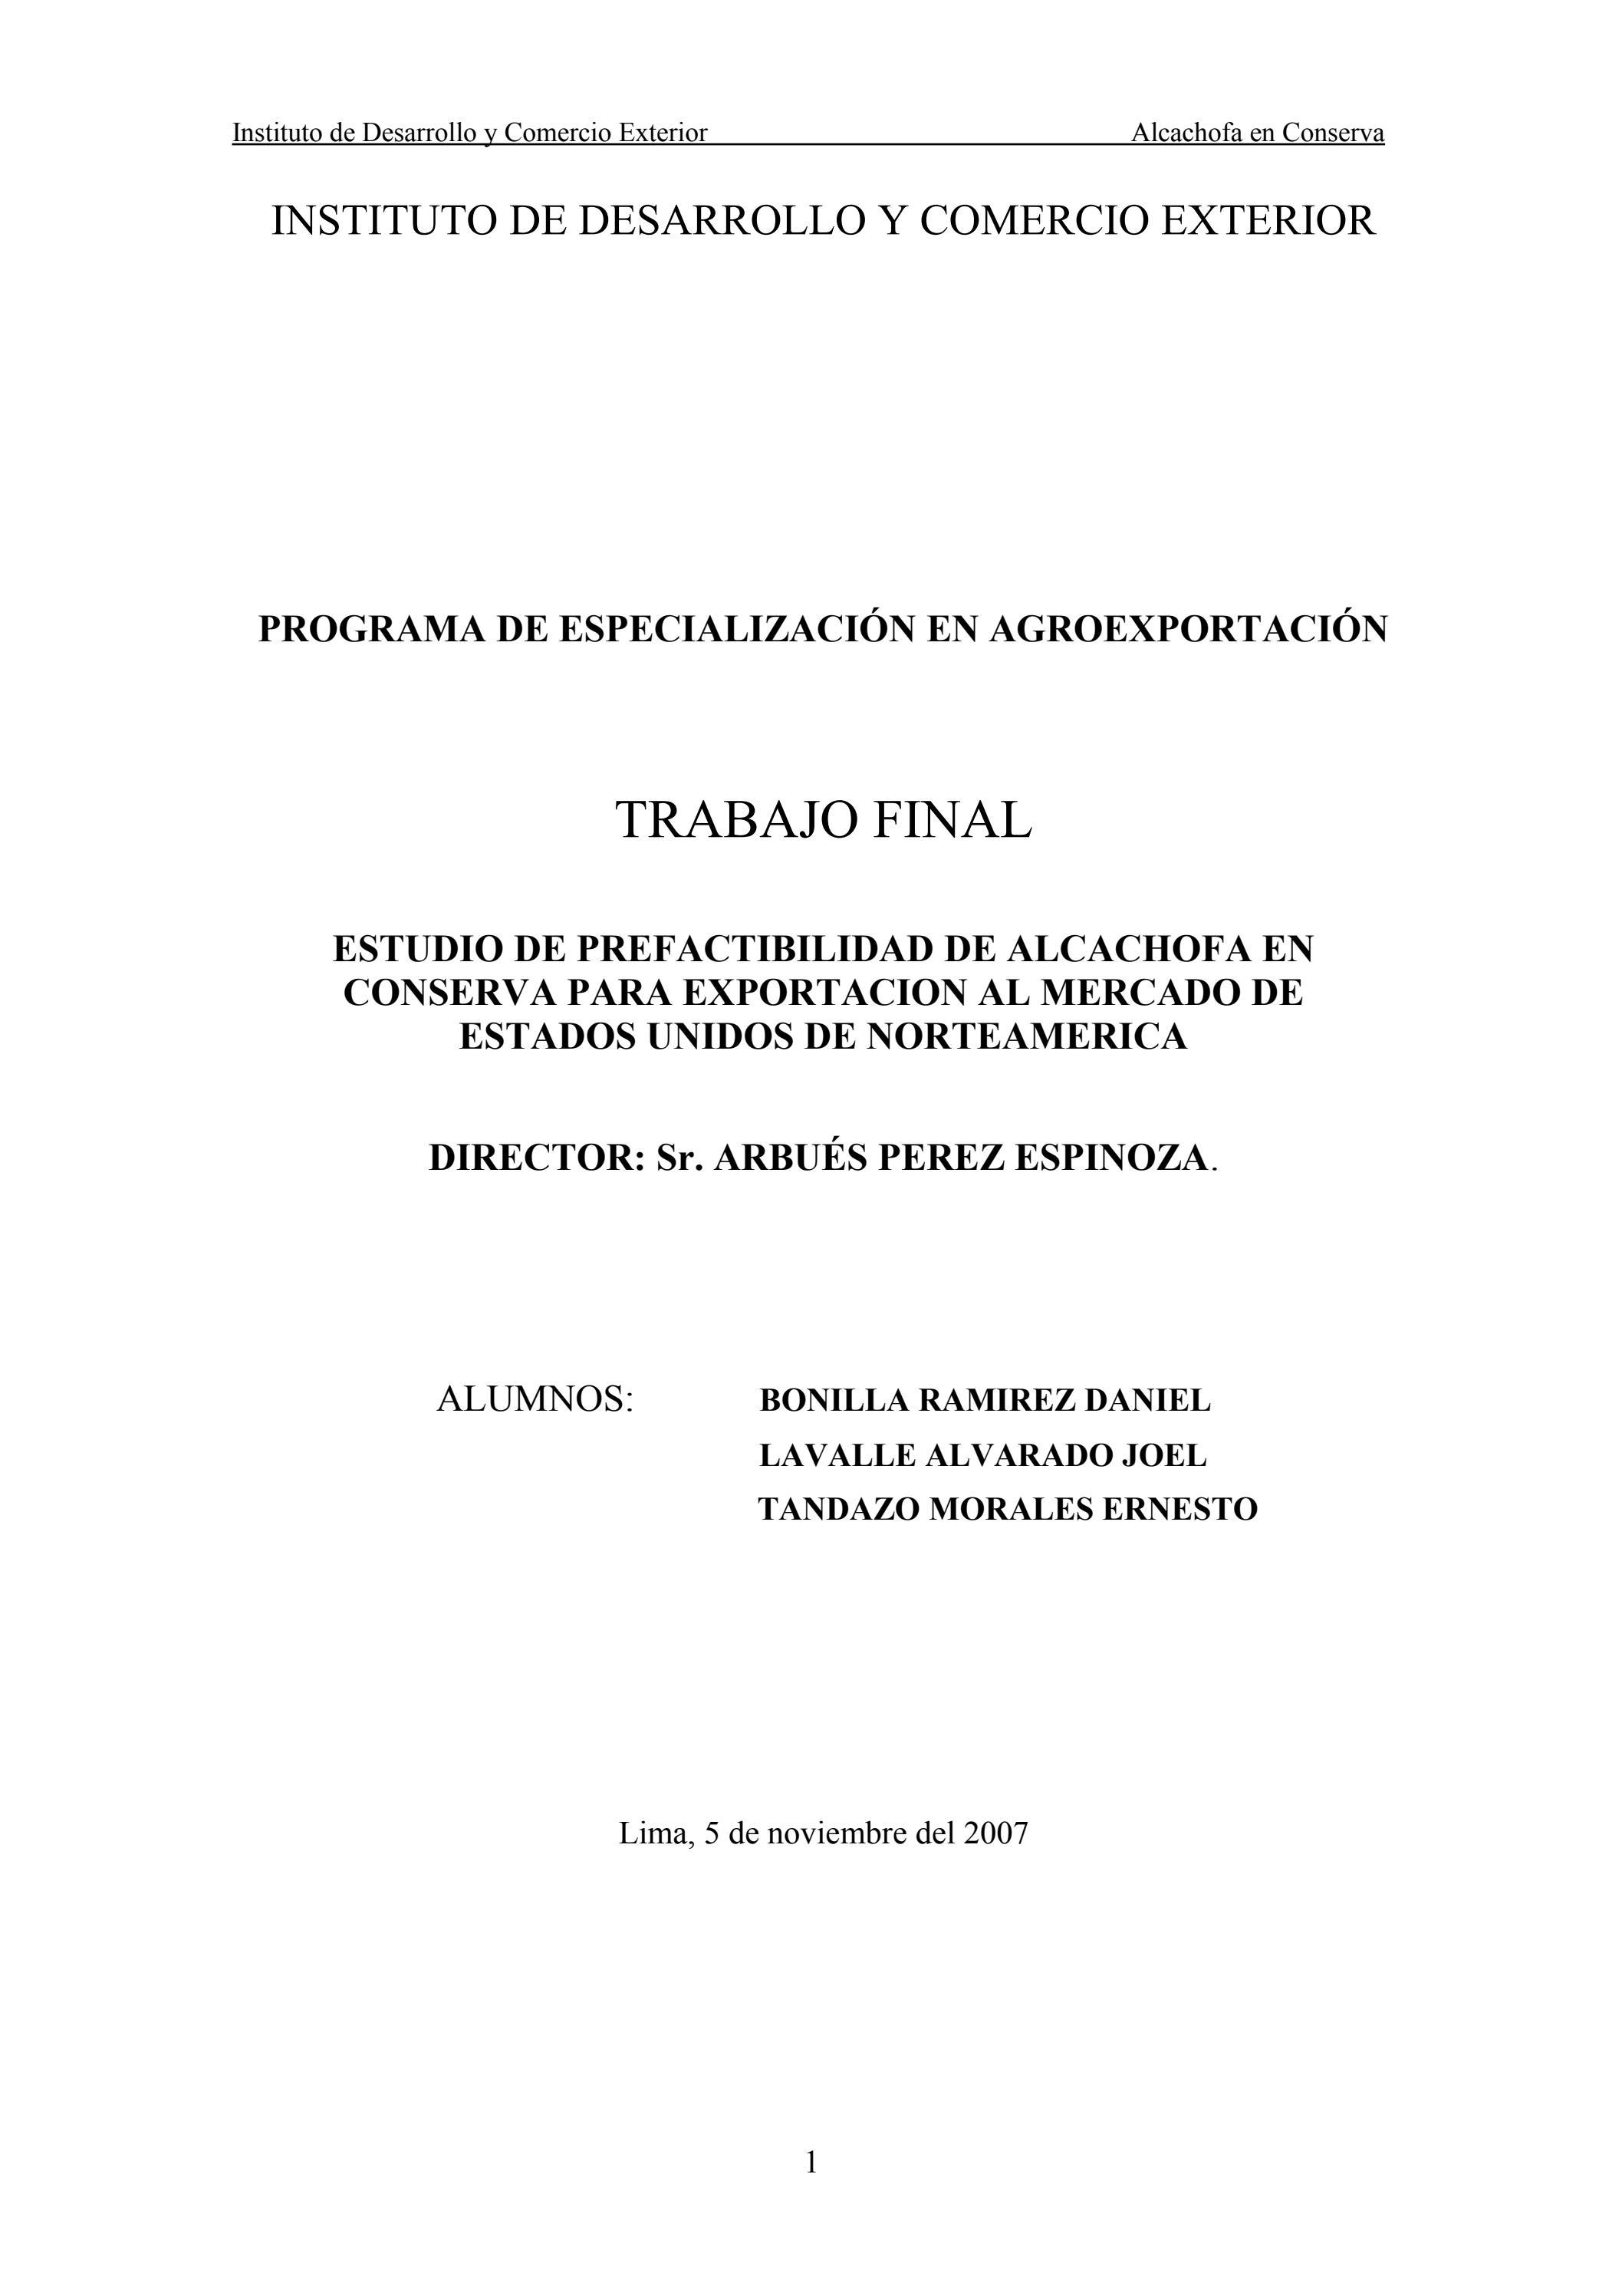 Exportacion De Alcachofa Peruana By Milagros Aragon Issuu